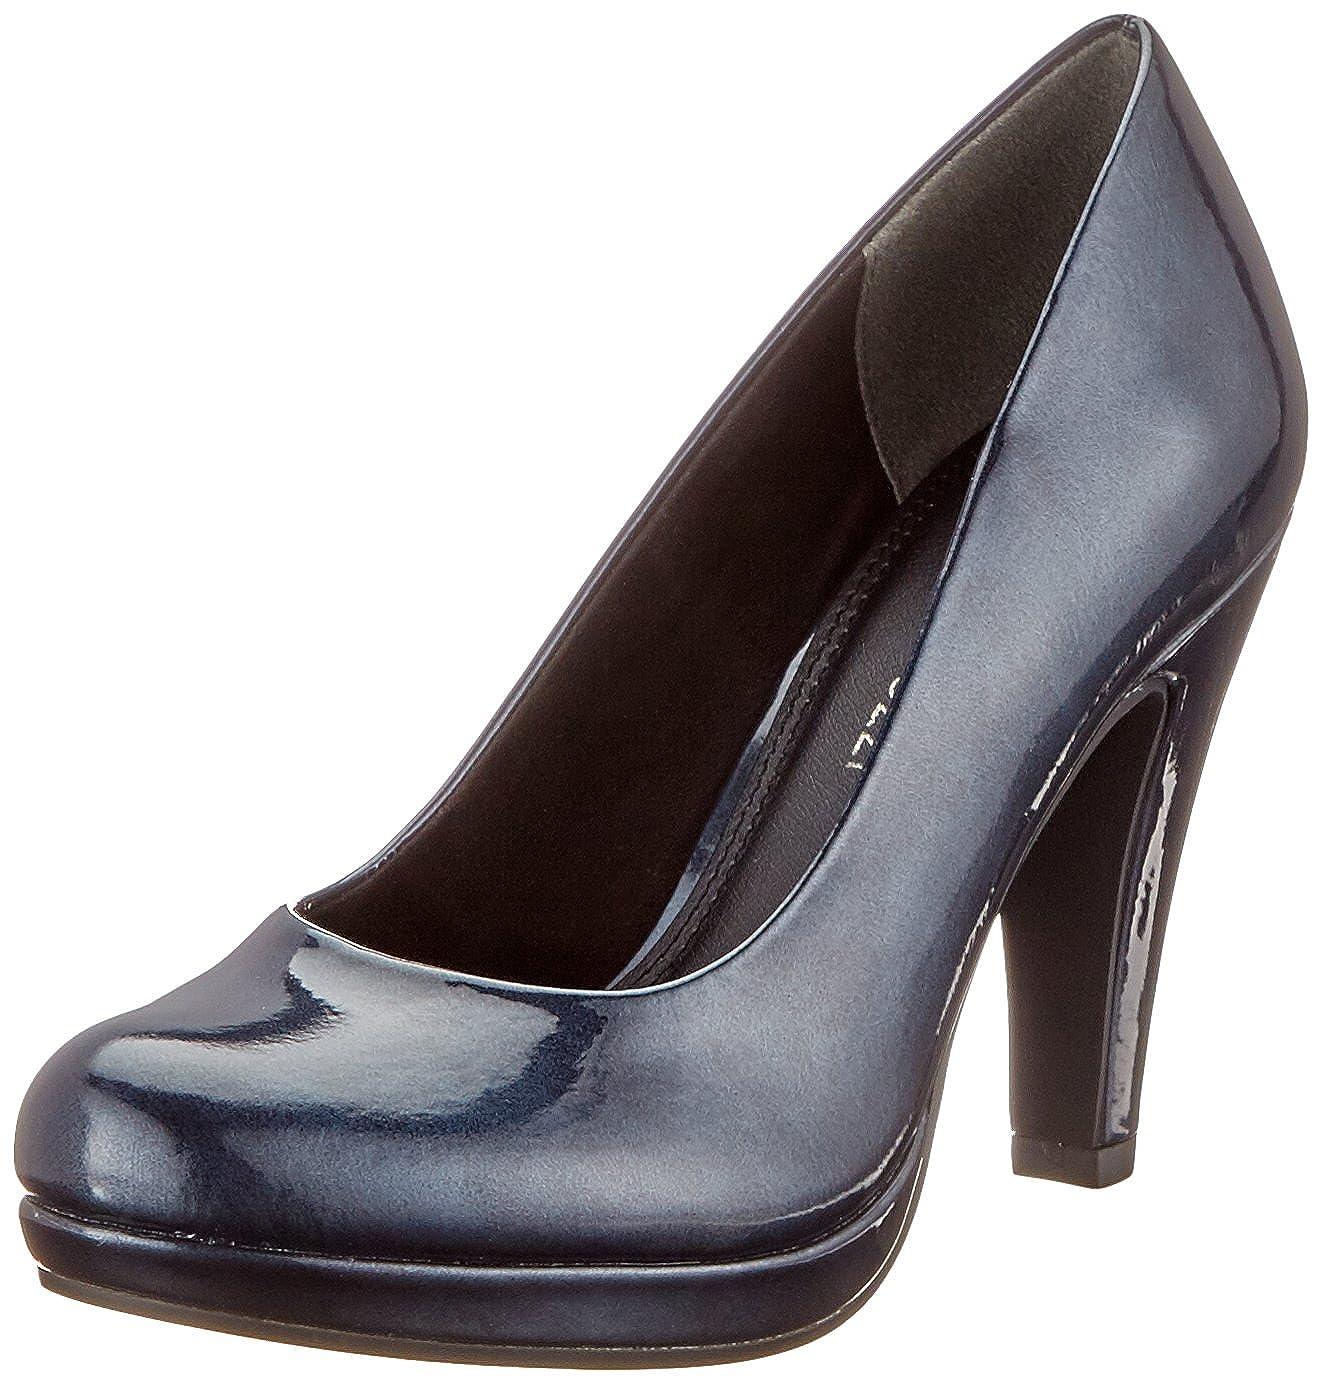 MARCO TOZZI 2-2-22410-31 841, Zapatos de Tacón para Mujer